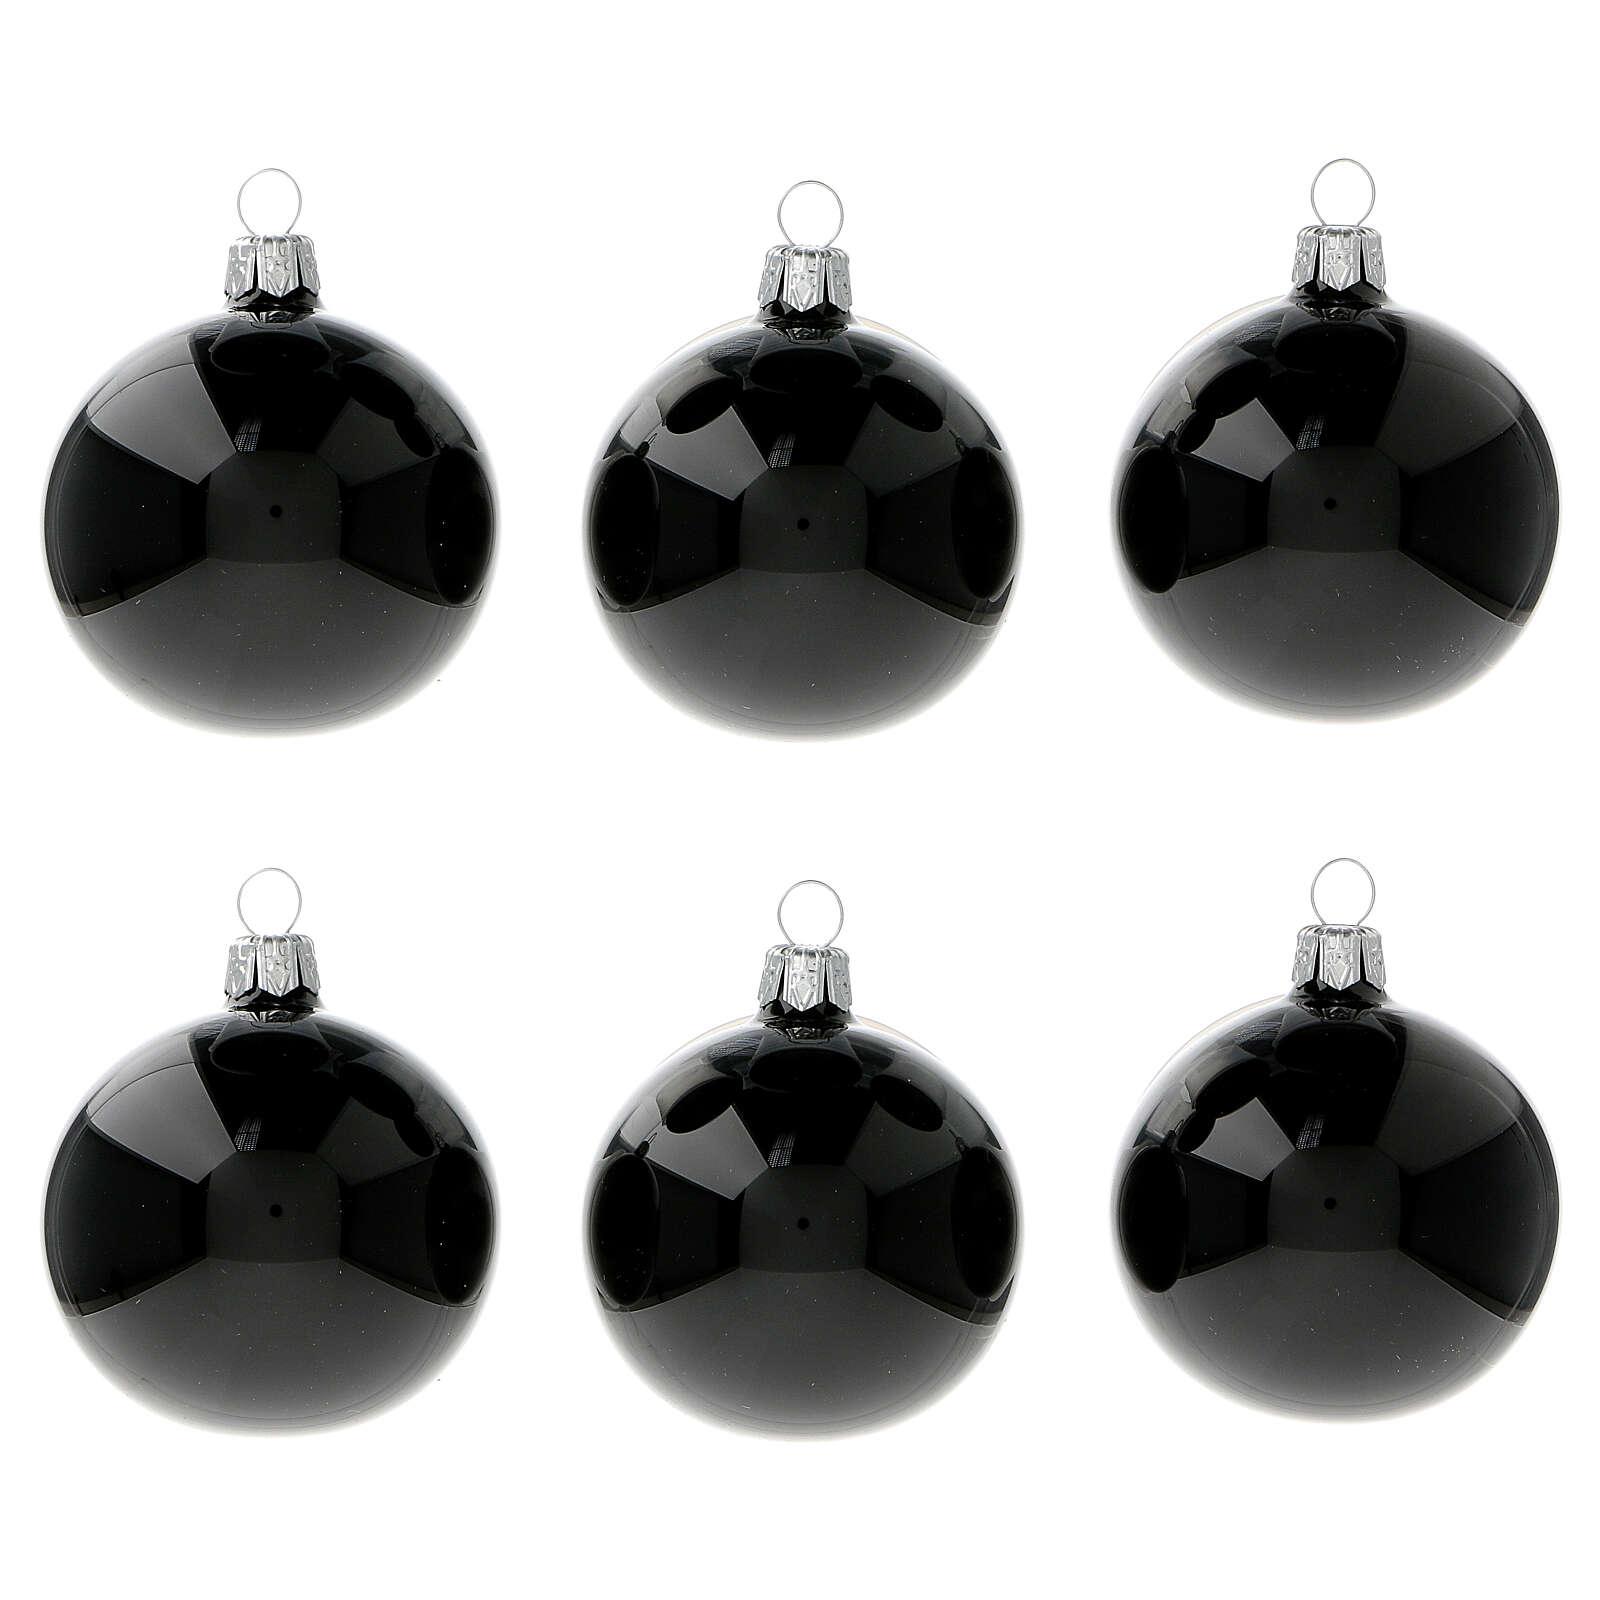 Christmas balls shiny black 60 mm blown glass 6 pcs 4